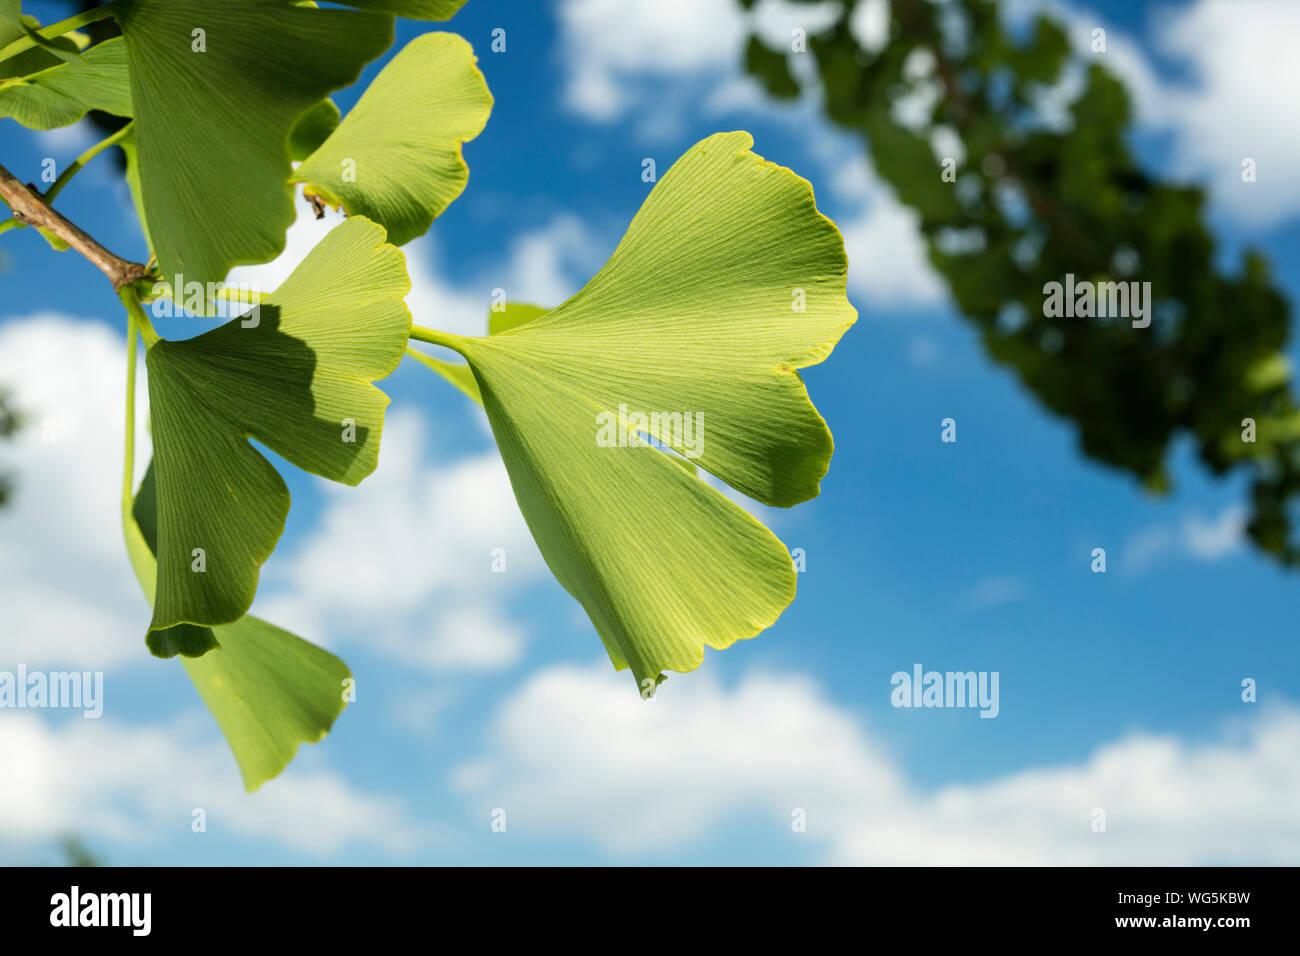 Low Angle View von frischem Grün Blatt gegen Sky Stockfoto